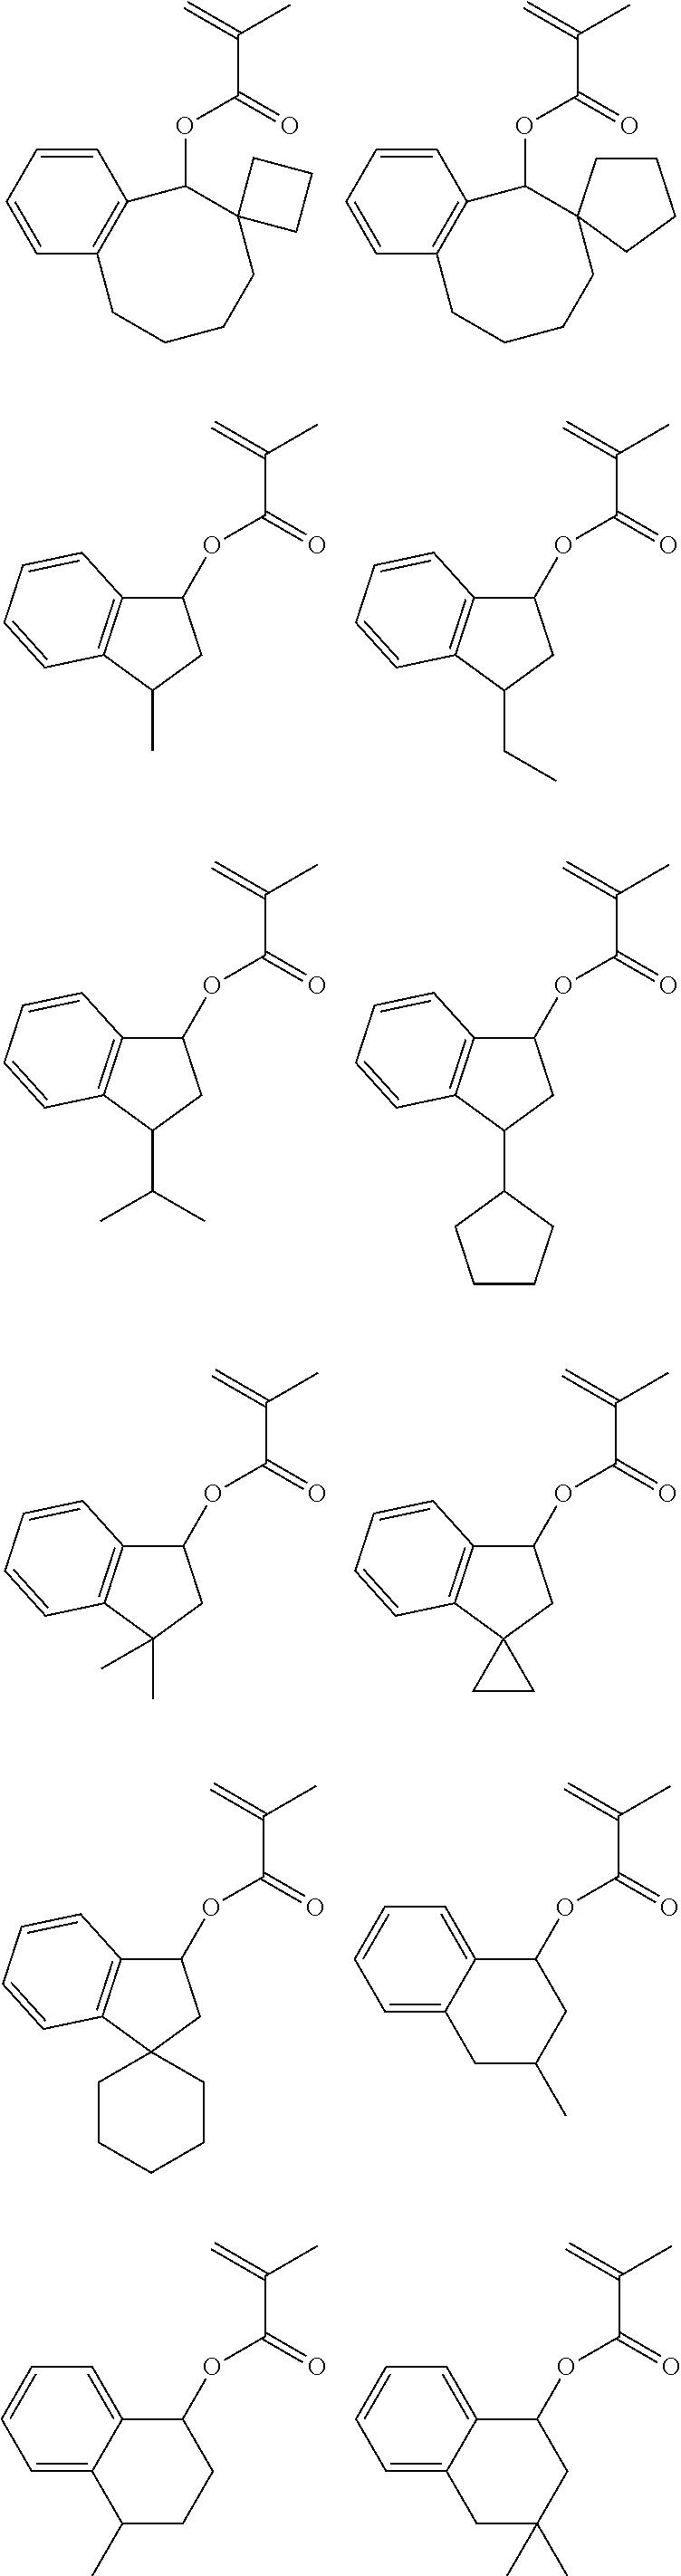 Figure US09023586-20150505-C00060